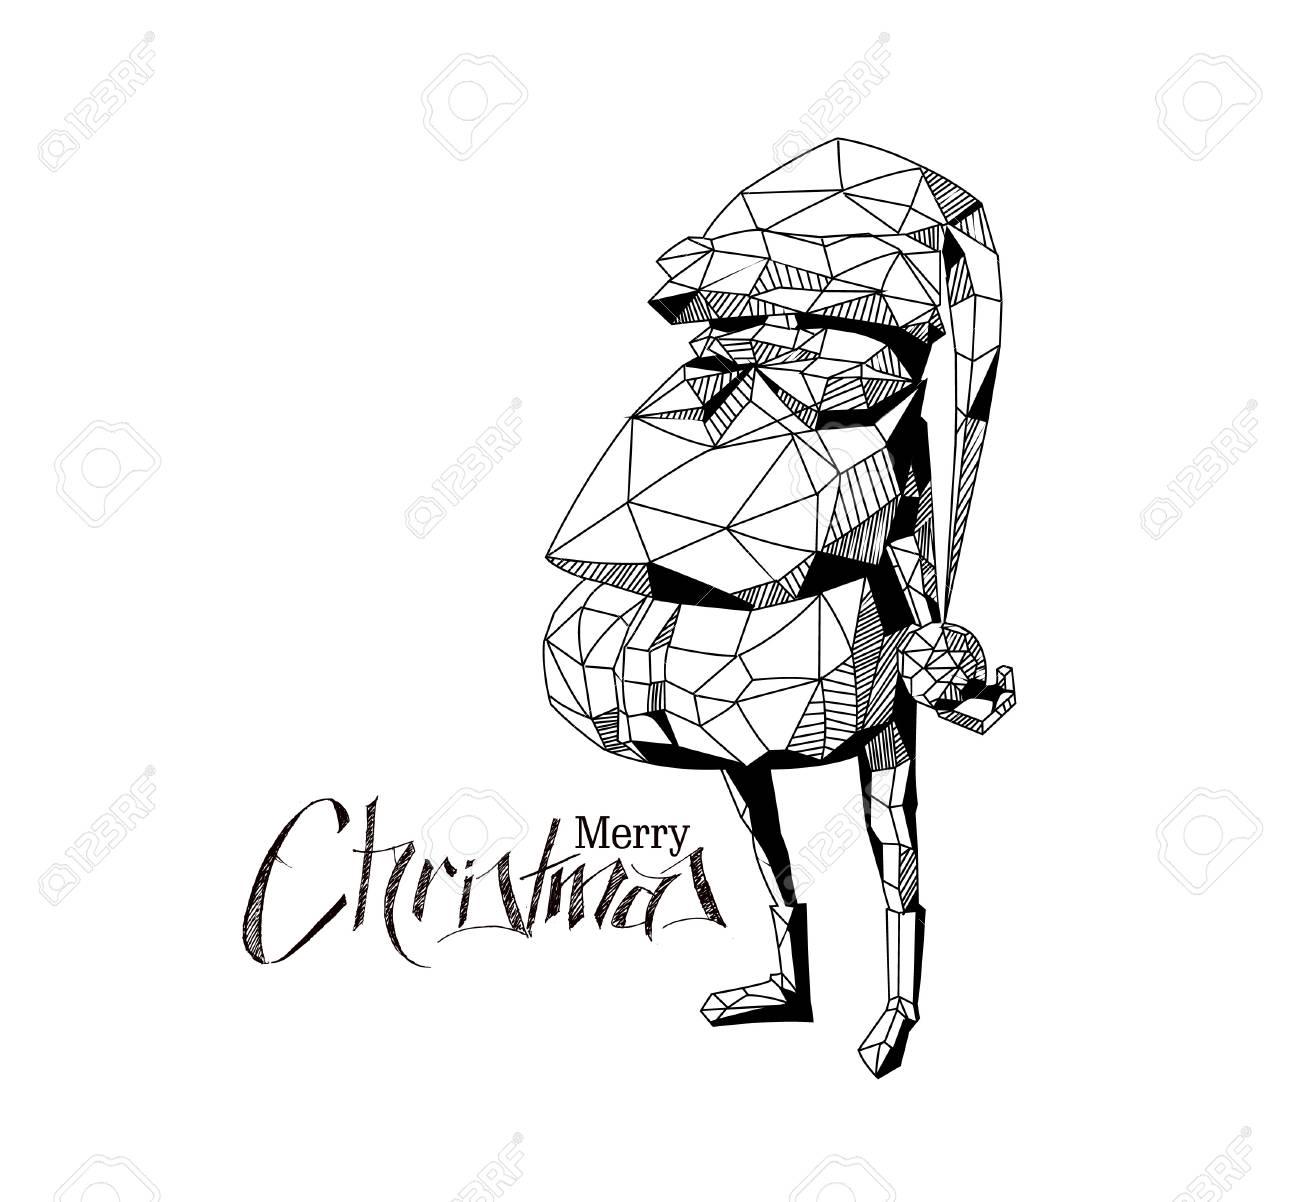 Dessin Image Noel.3d Filaire Rendre Le Personnage De Dessin Anime Drole Du Pere Noel Joyeux Noel Icone Heureux Grand Pere Isole Sur Fond Blanc